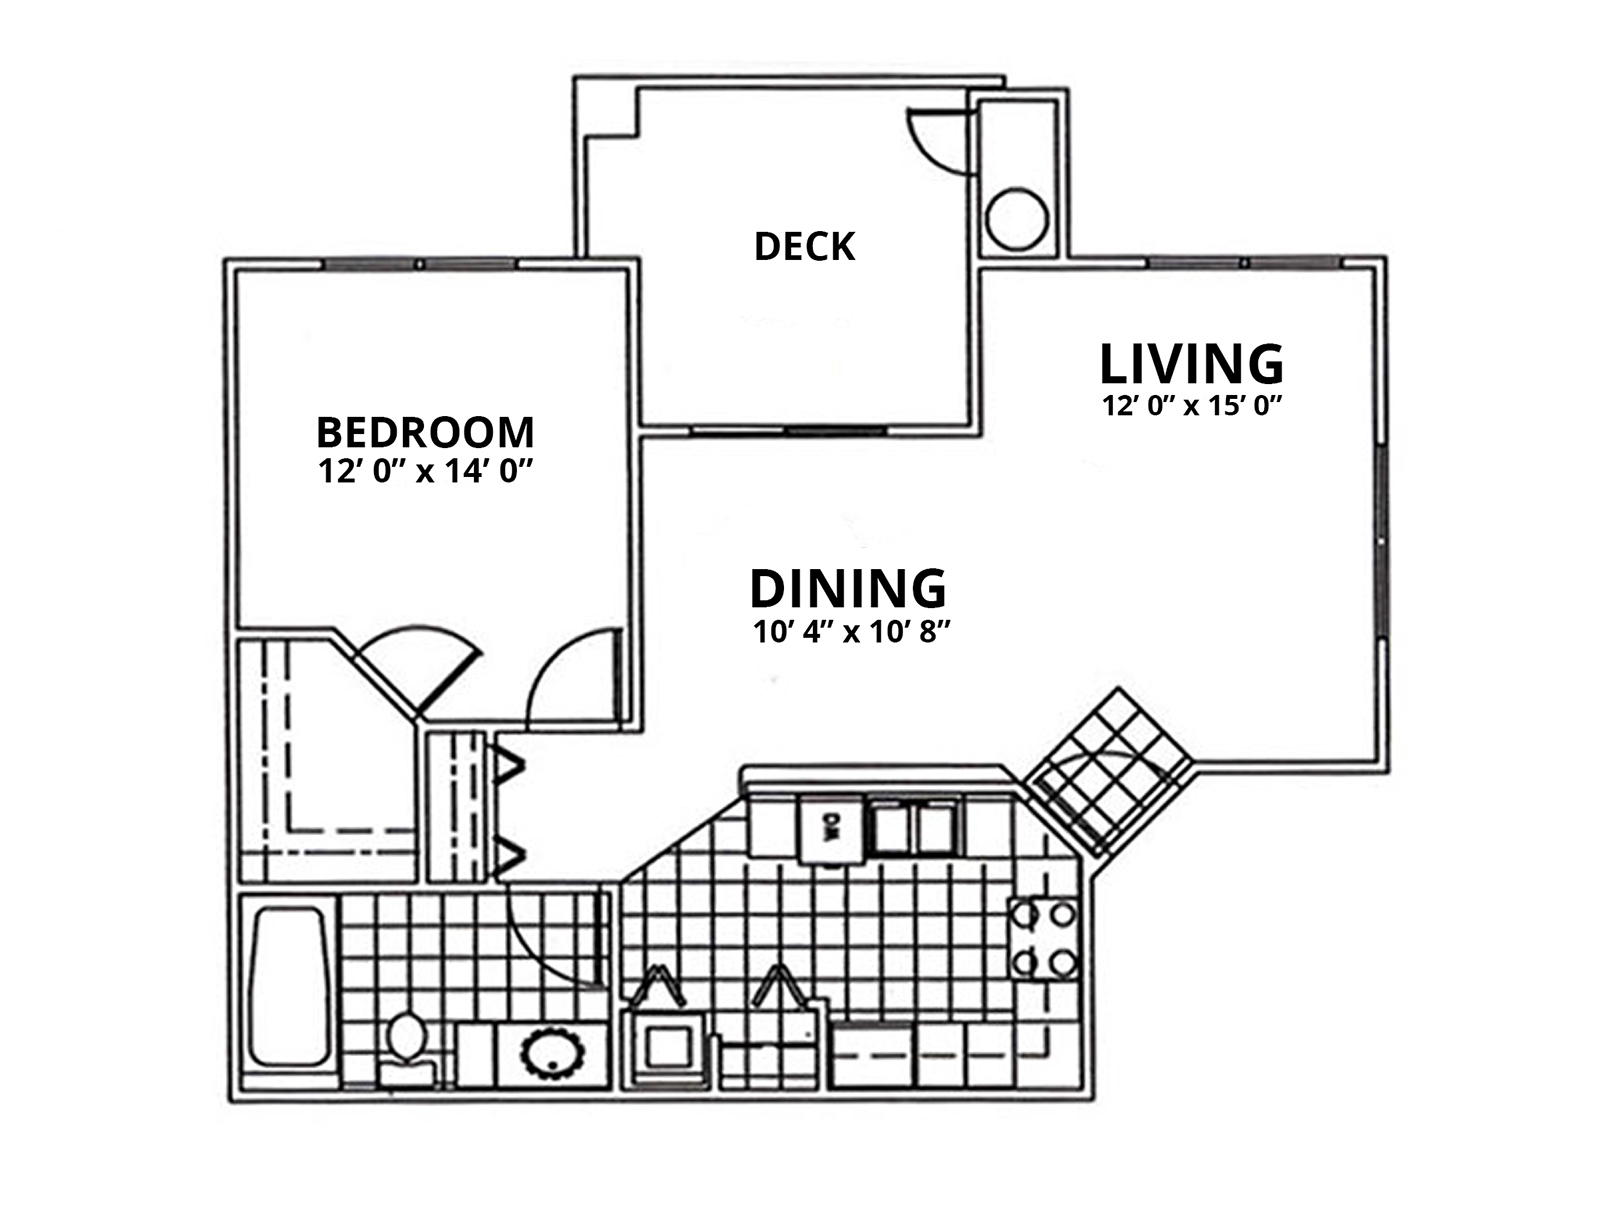 1 Bed; 1 Bathroom